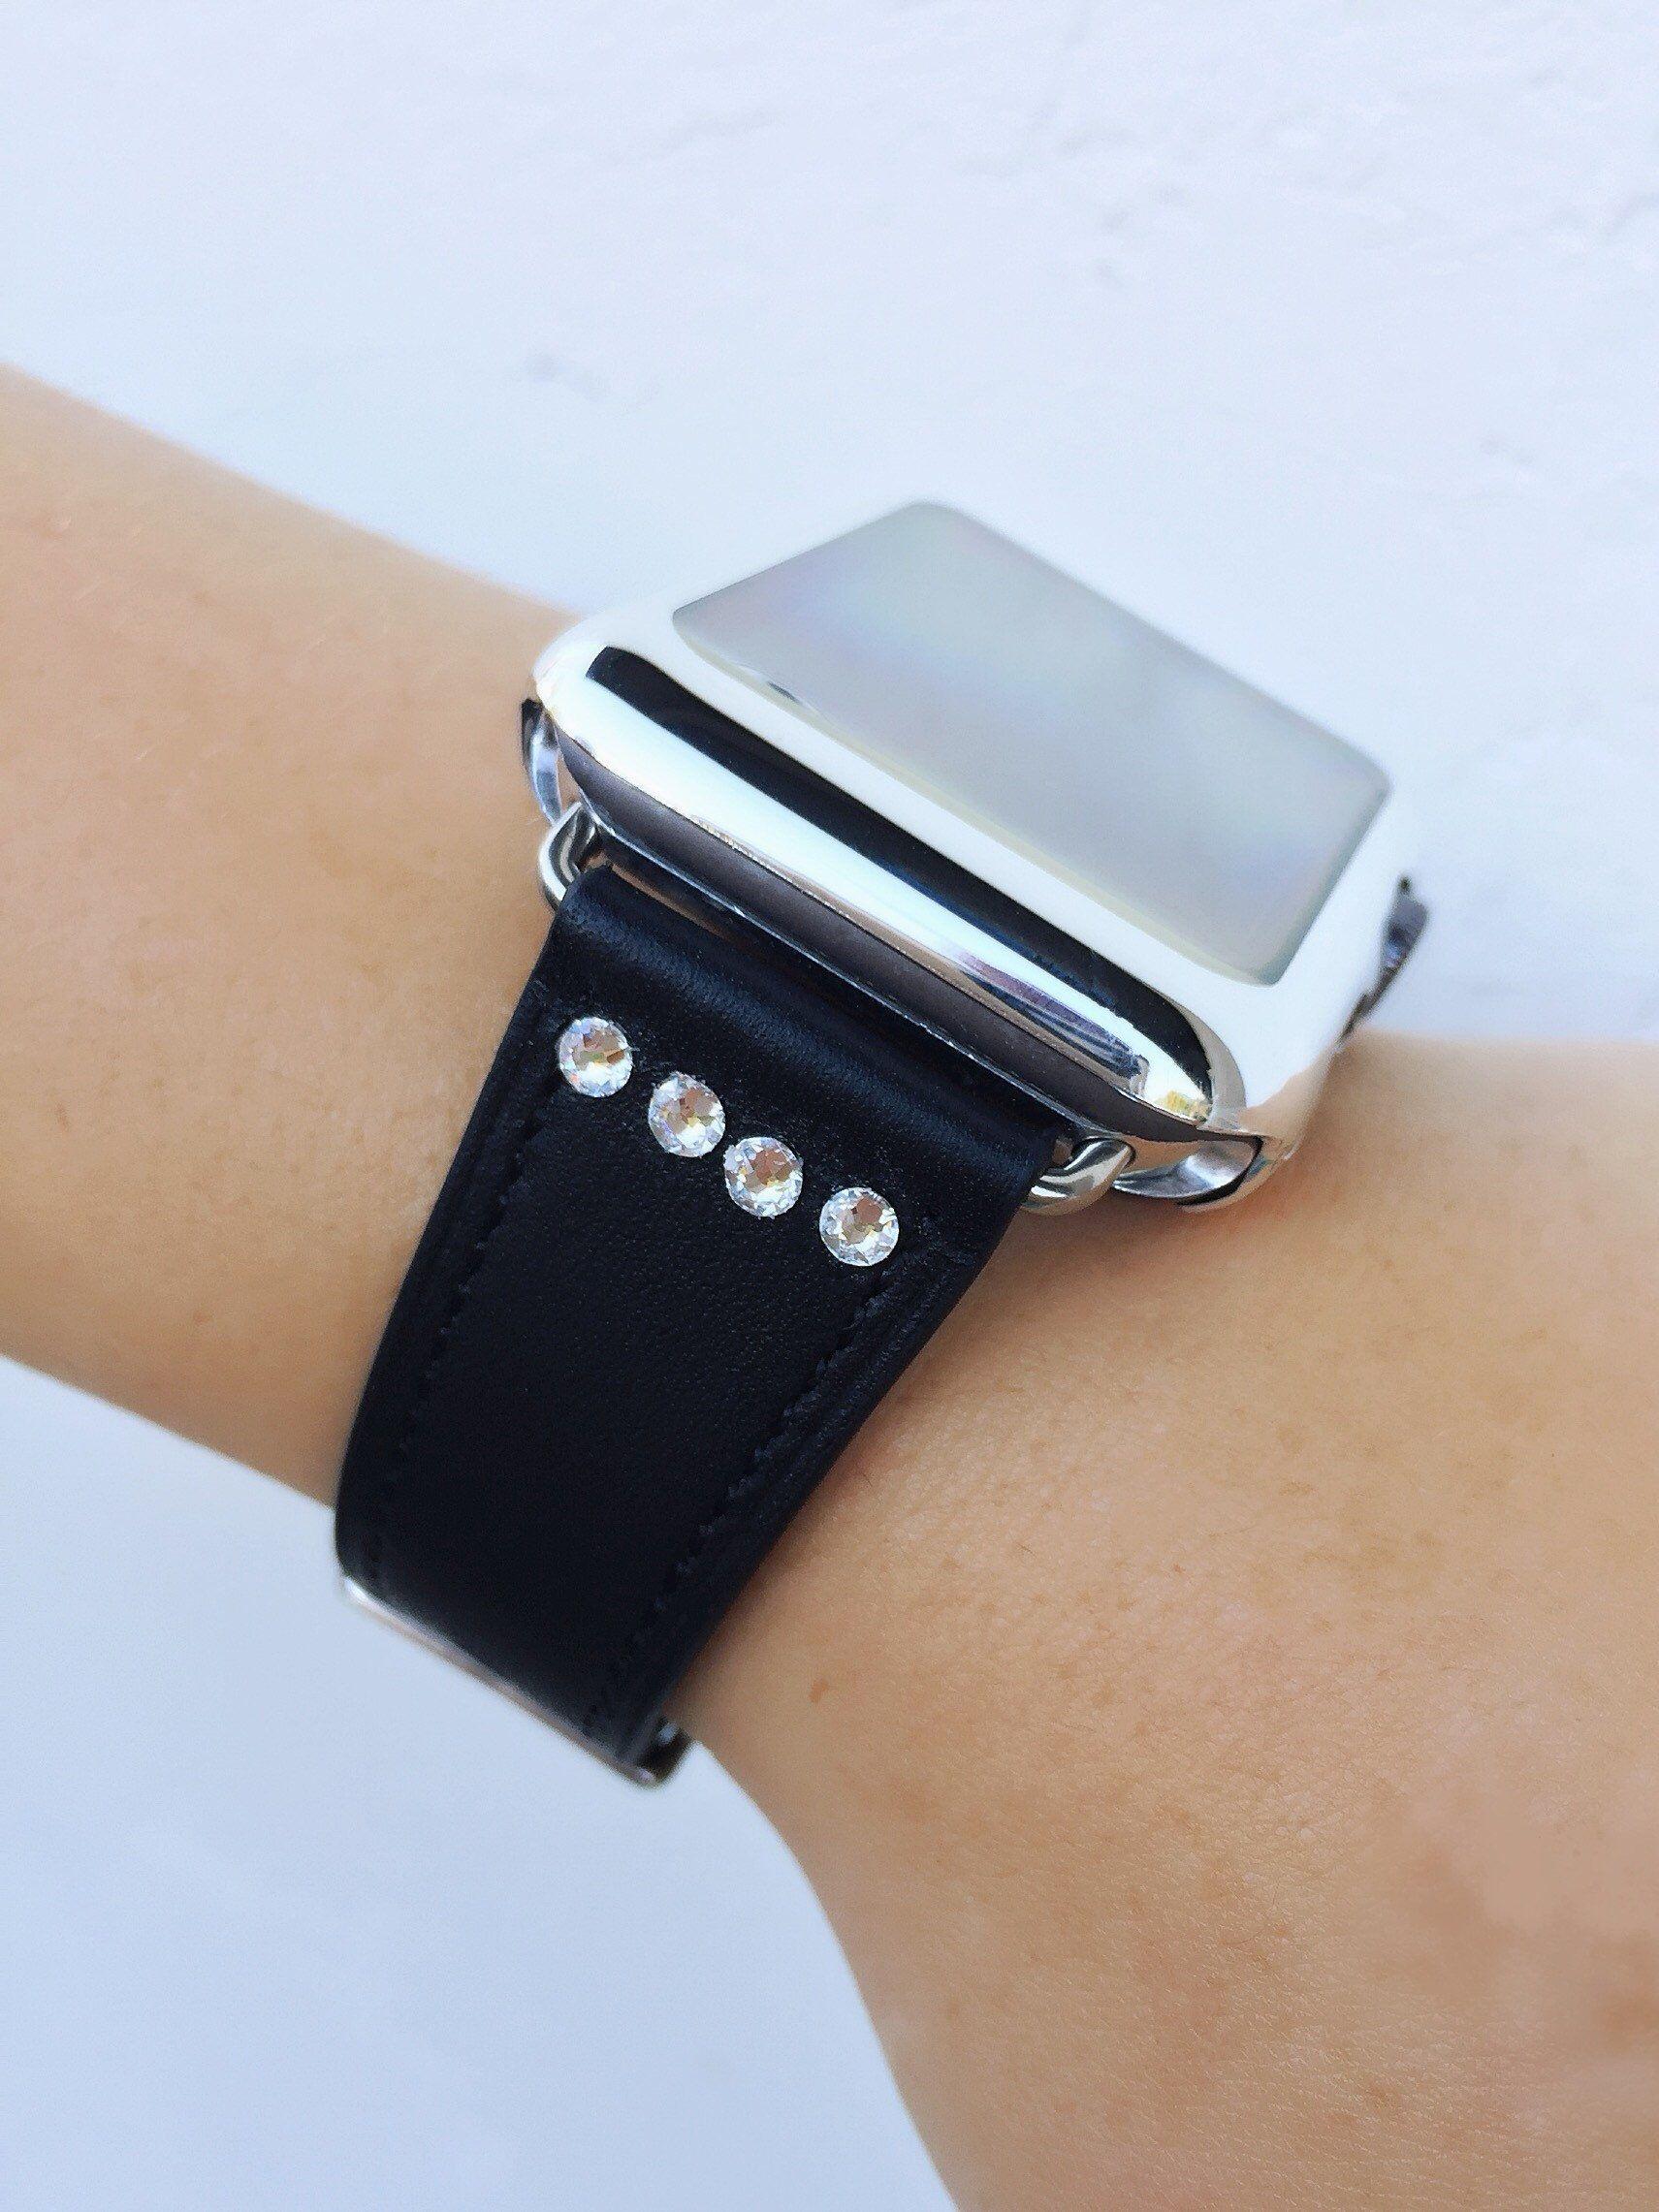 1f20f365e7 Swarovski Crystal Apple Watch Band 38mm 42mm 40mm 44mm Strap iWatch ...